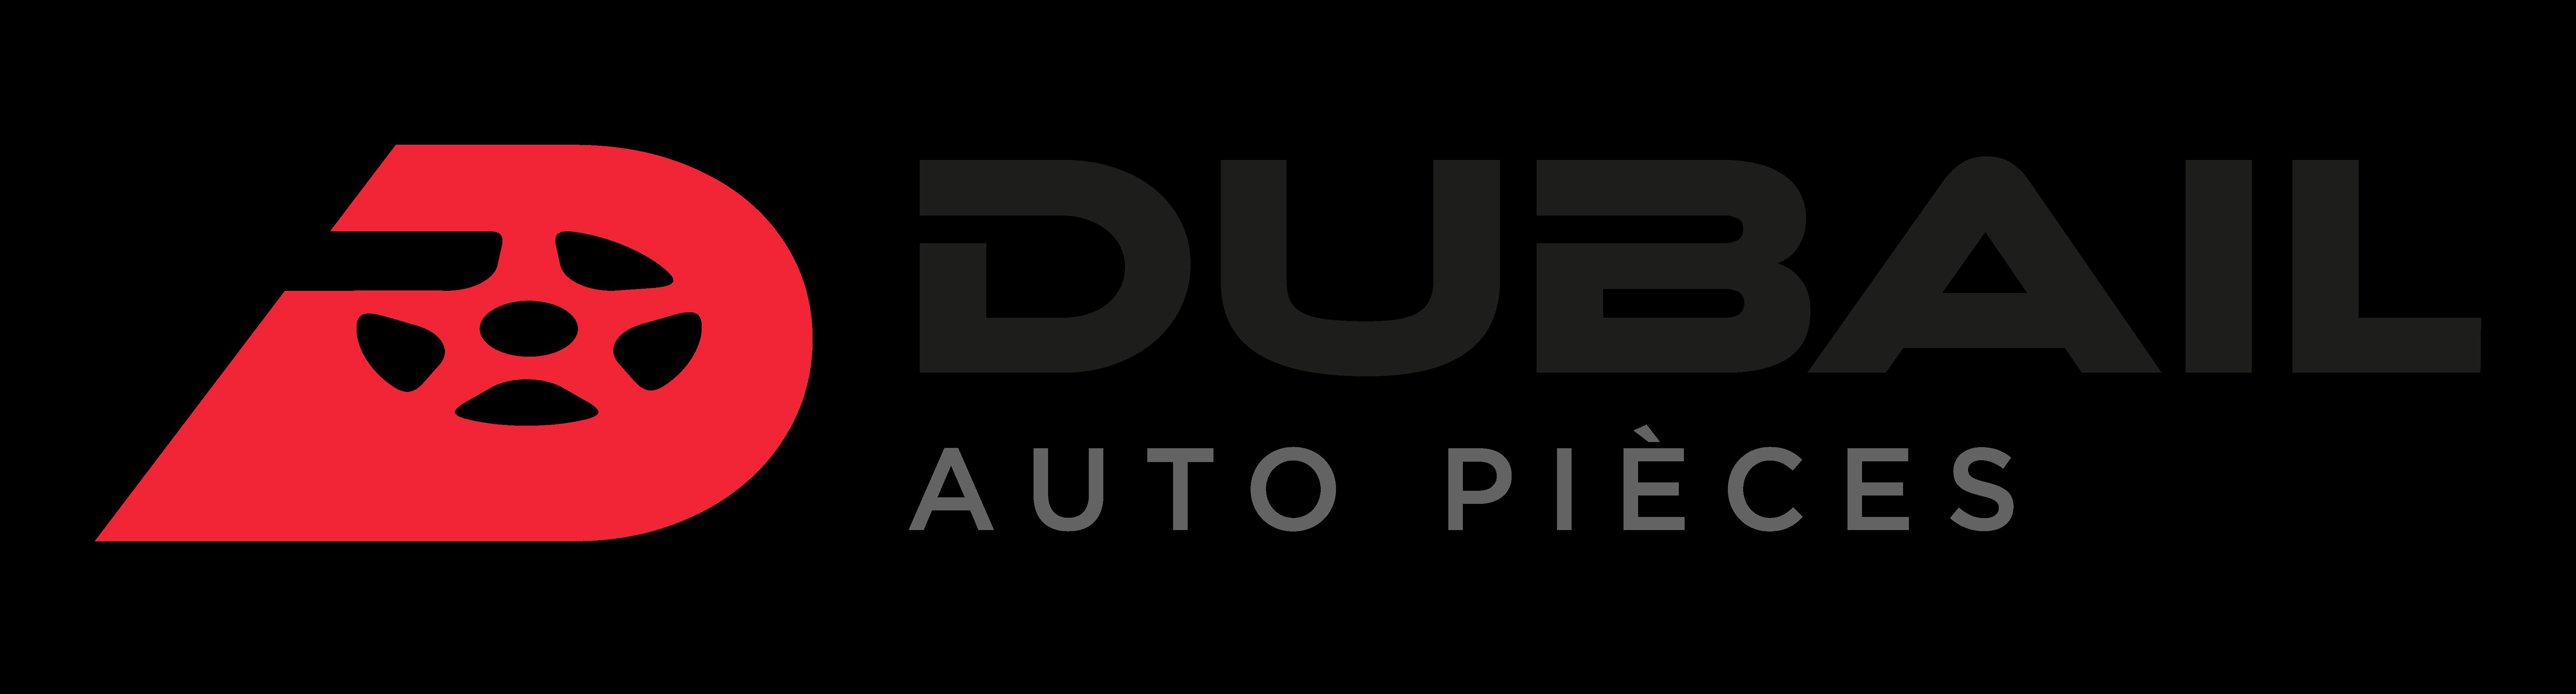 Auto Pièces Dubail